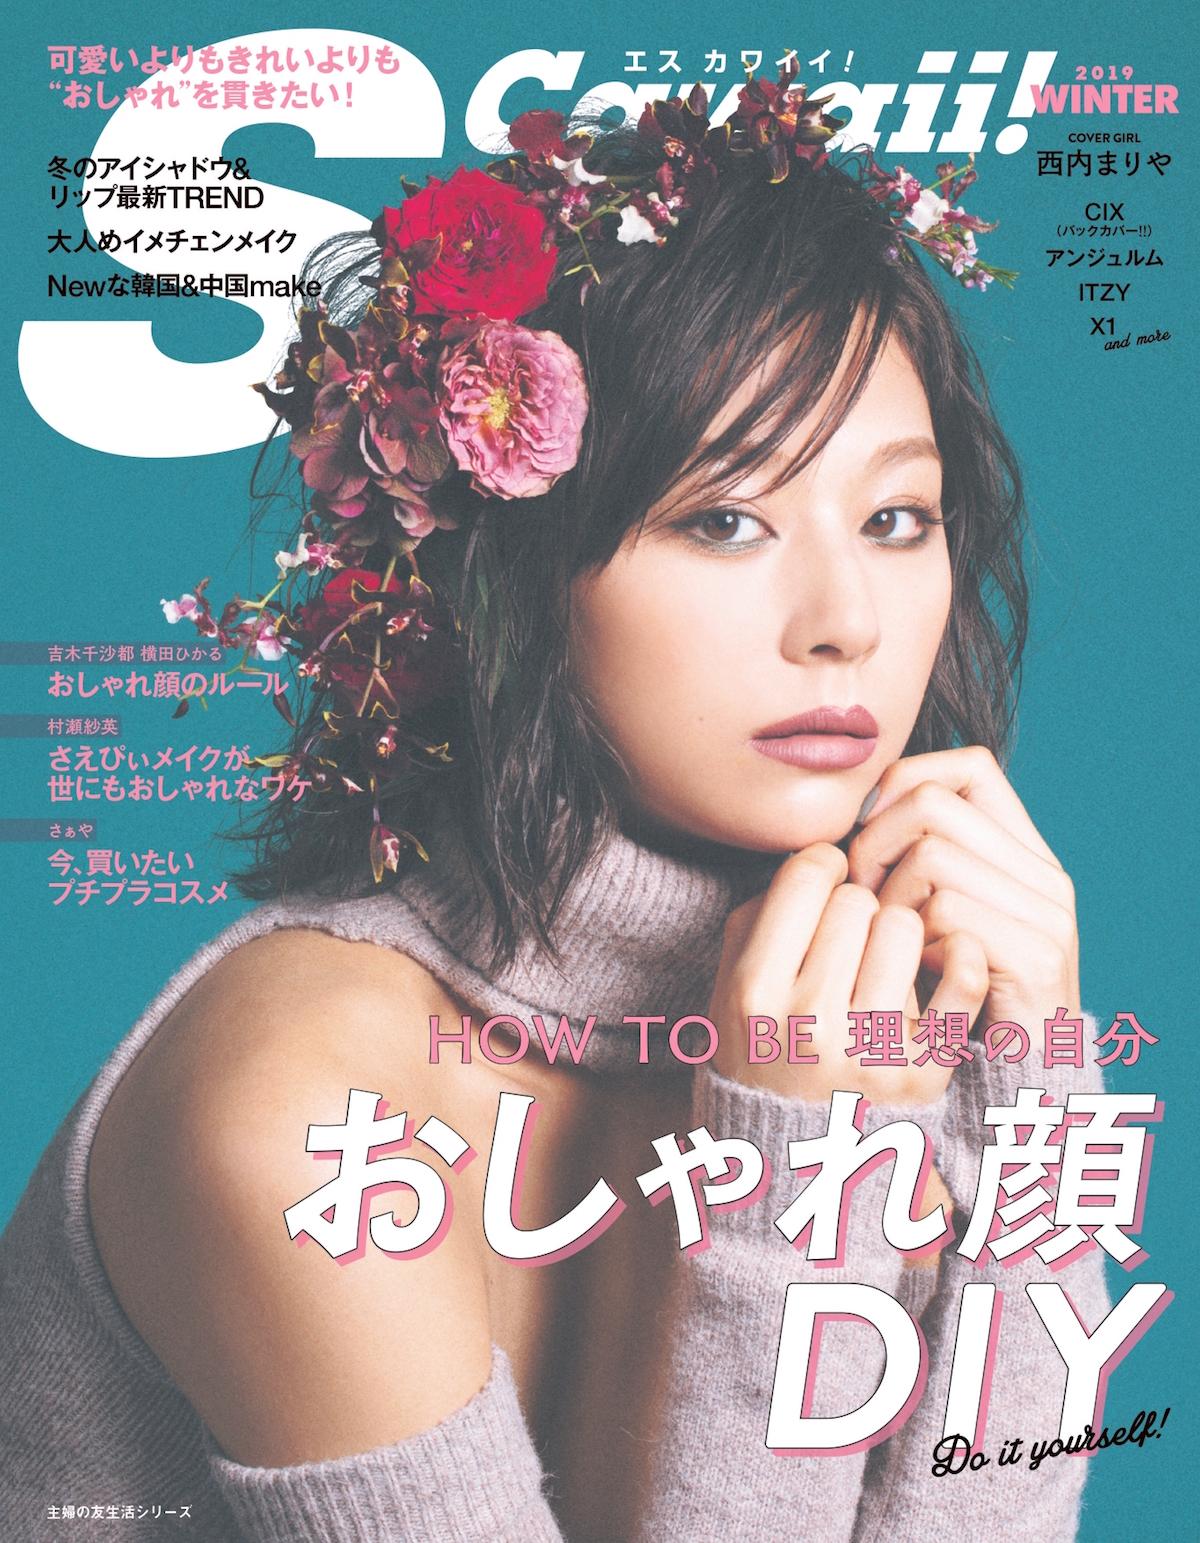 西内まりや、『S Cawaii!WINTER号』表紙